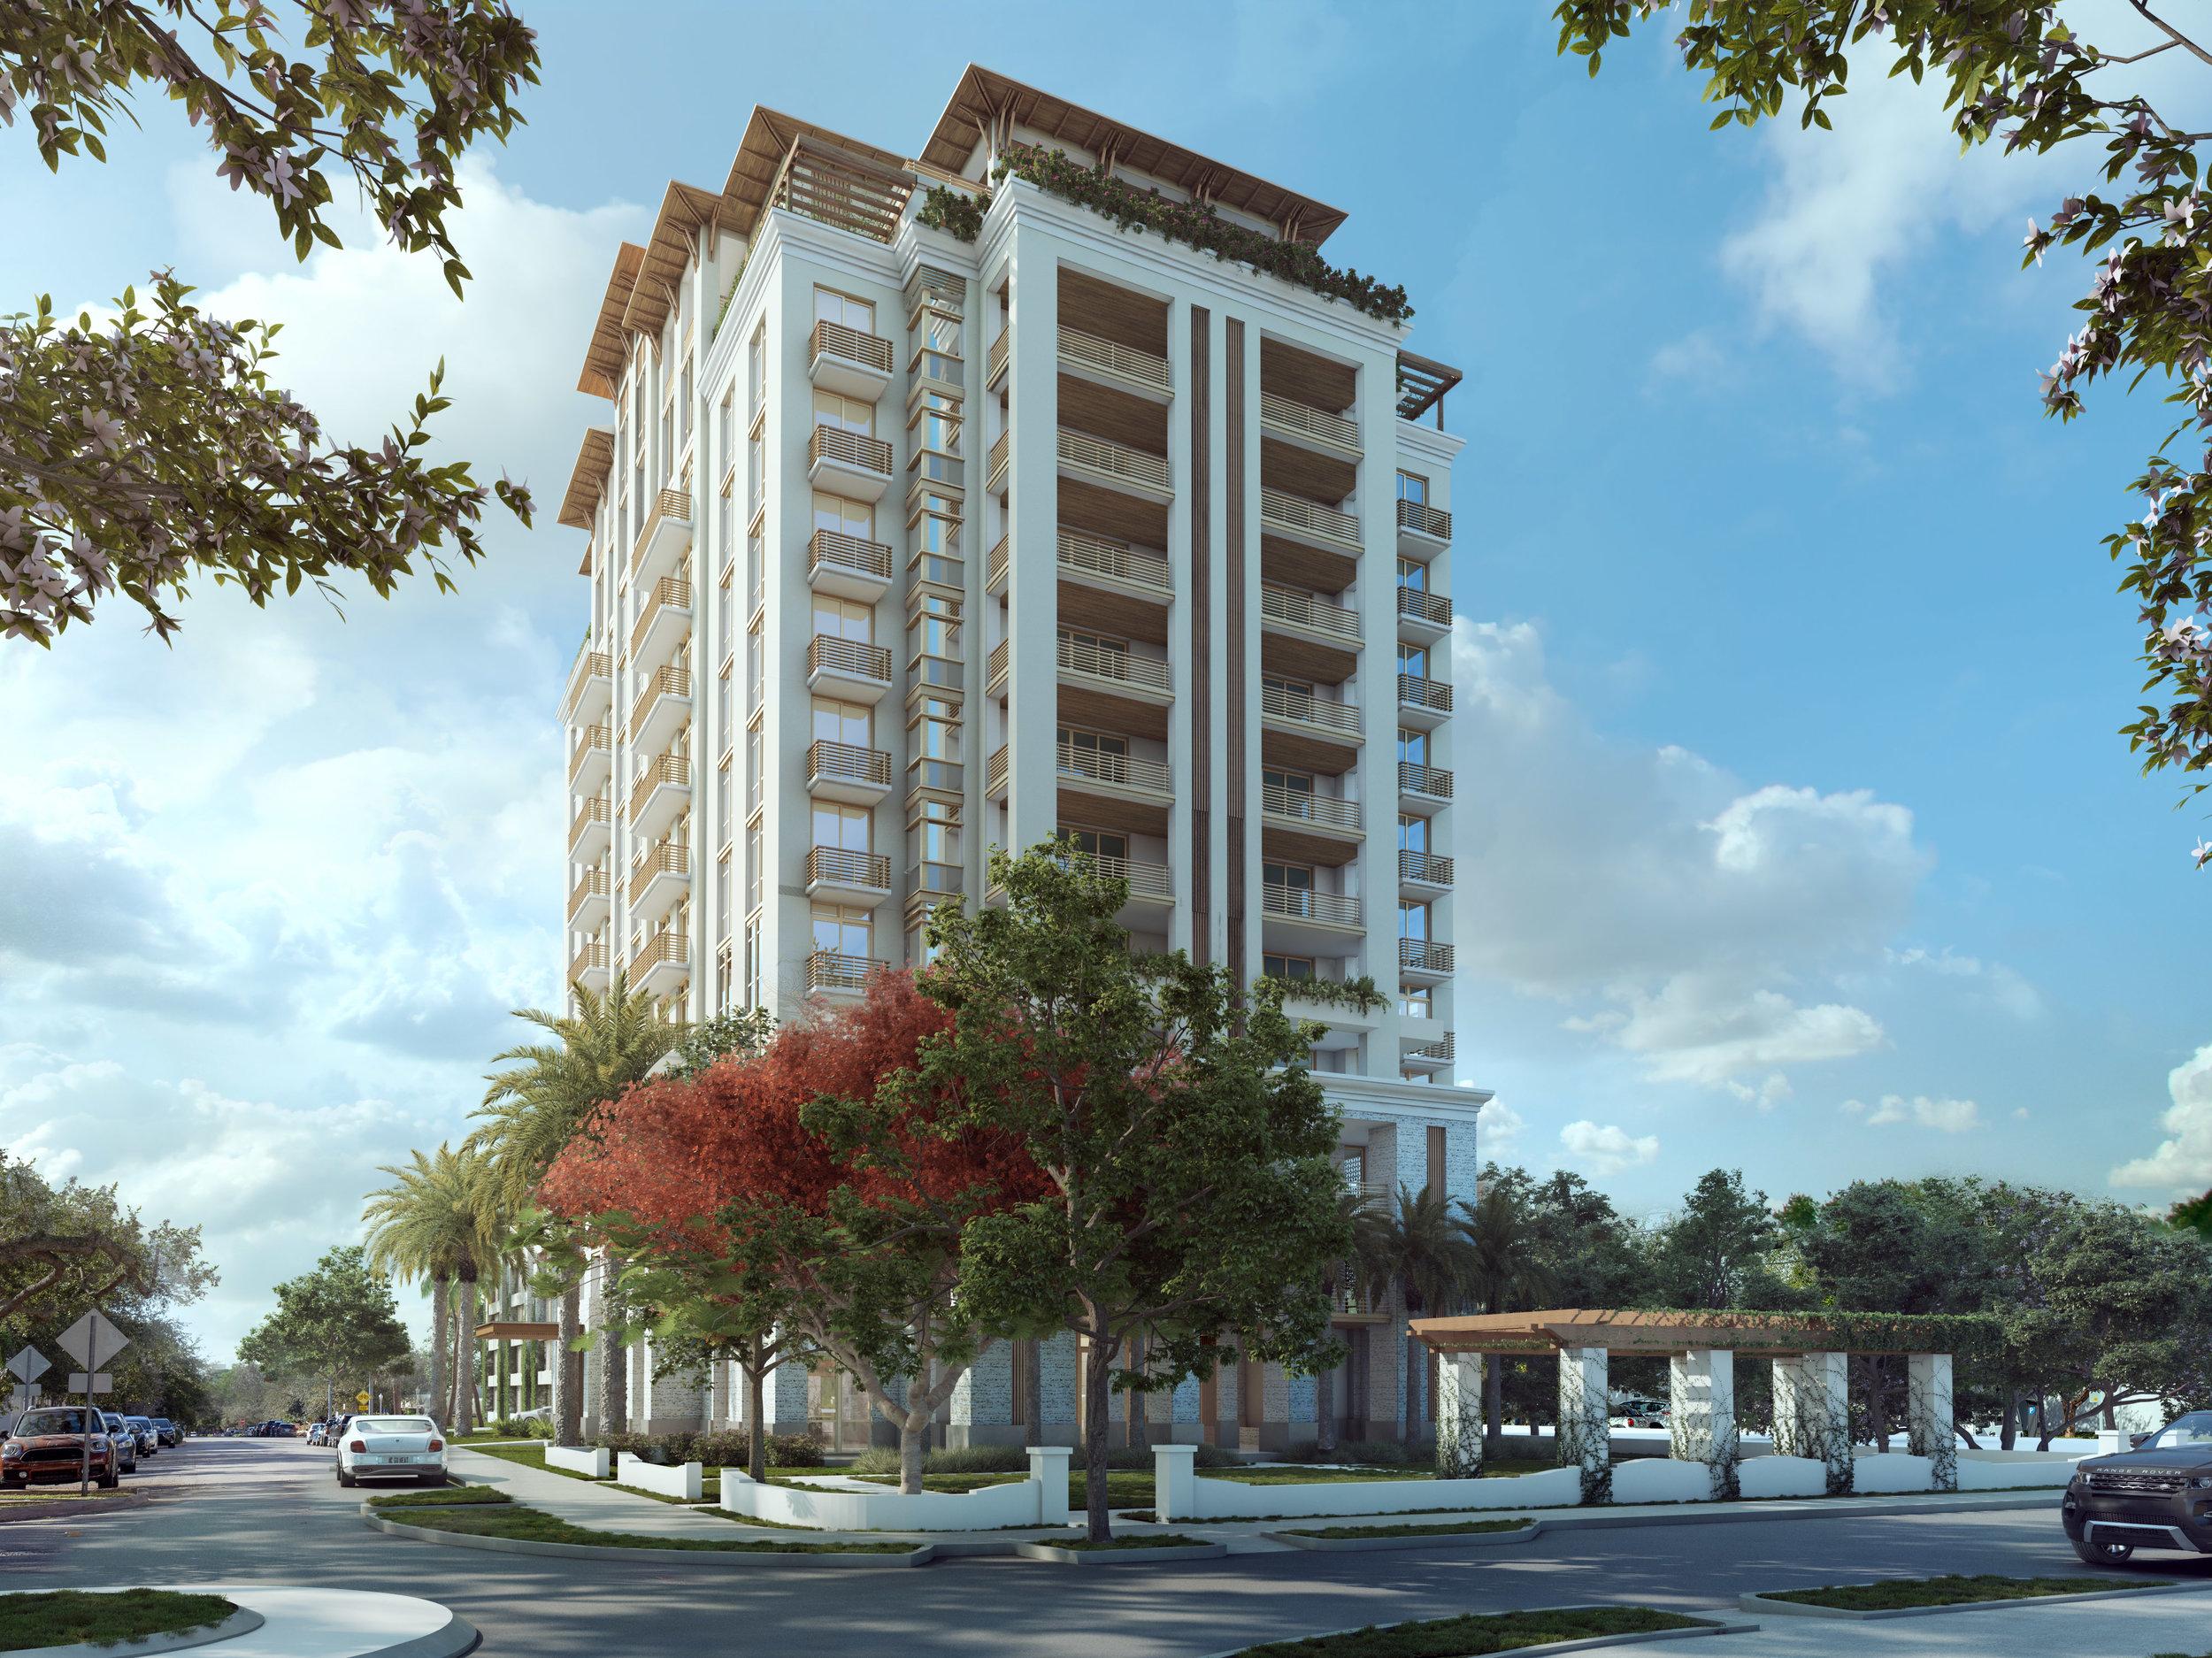 Villa Valencia Launches Sales In Coral Gables